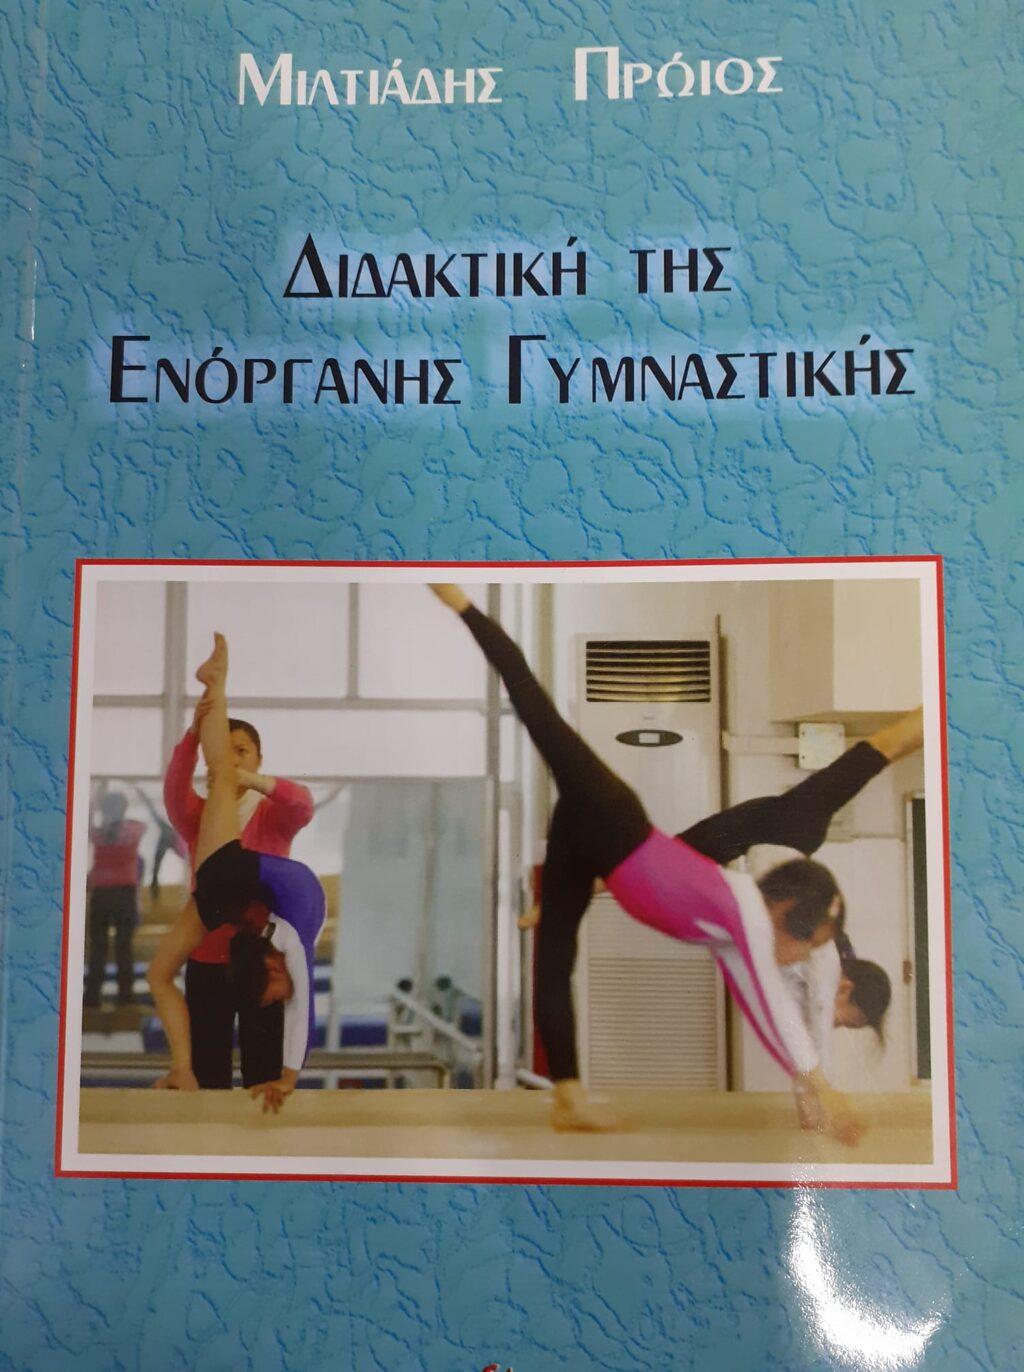 didaktiki-tis-enorganis-gymnastikis